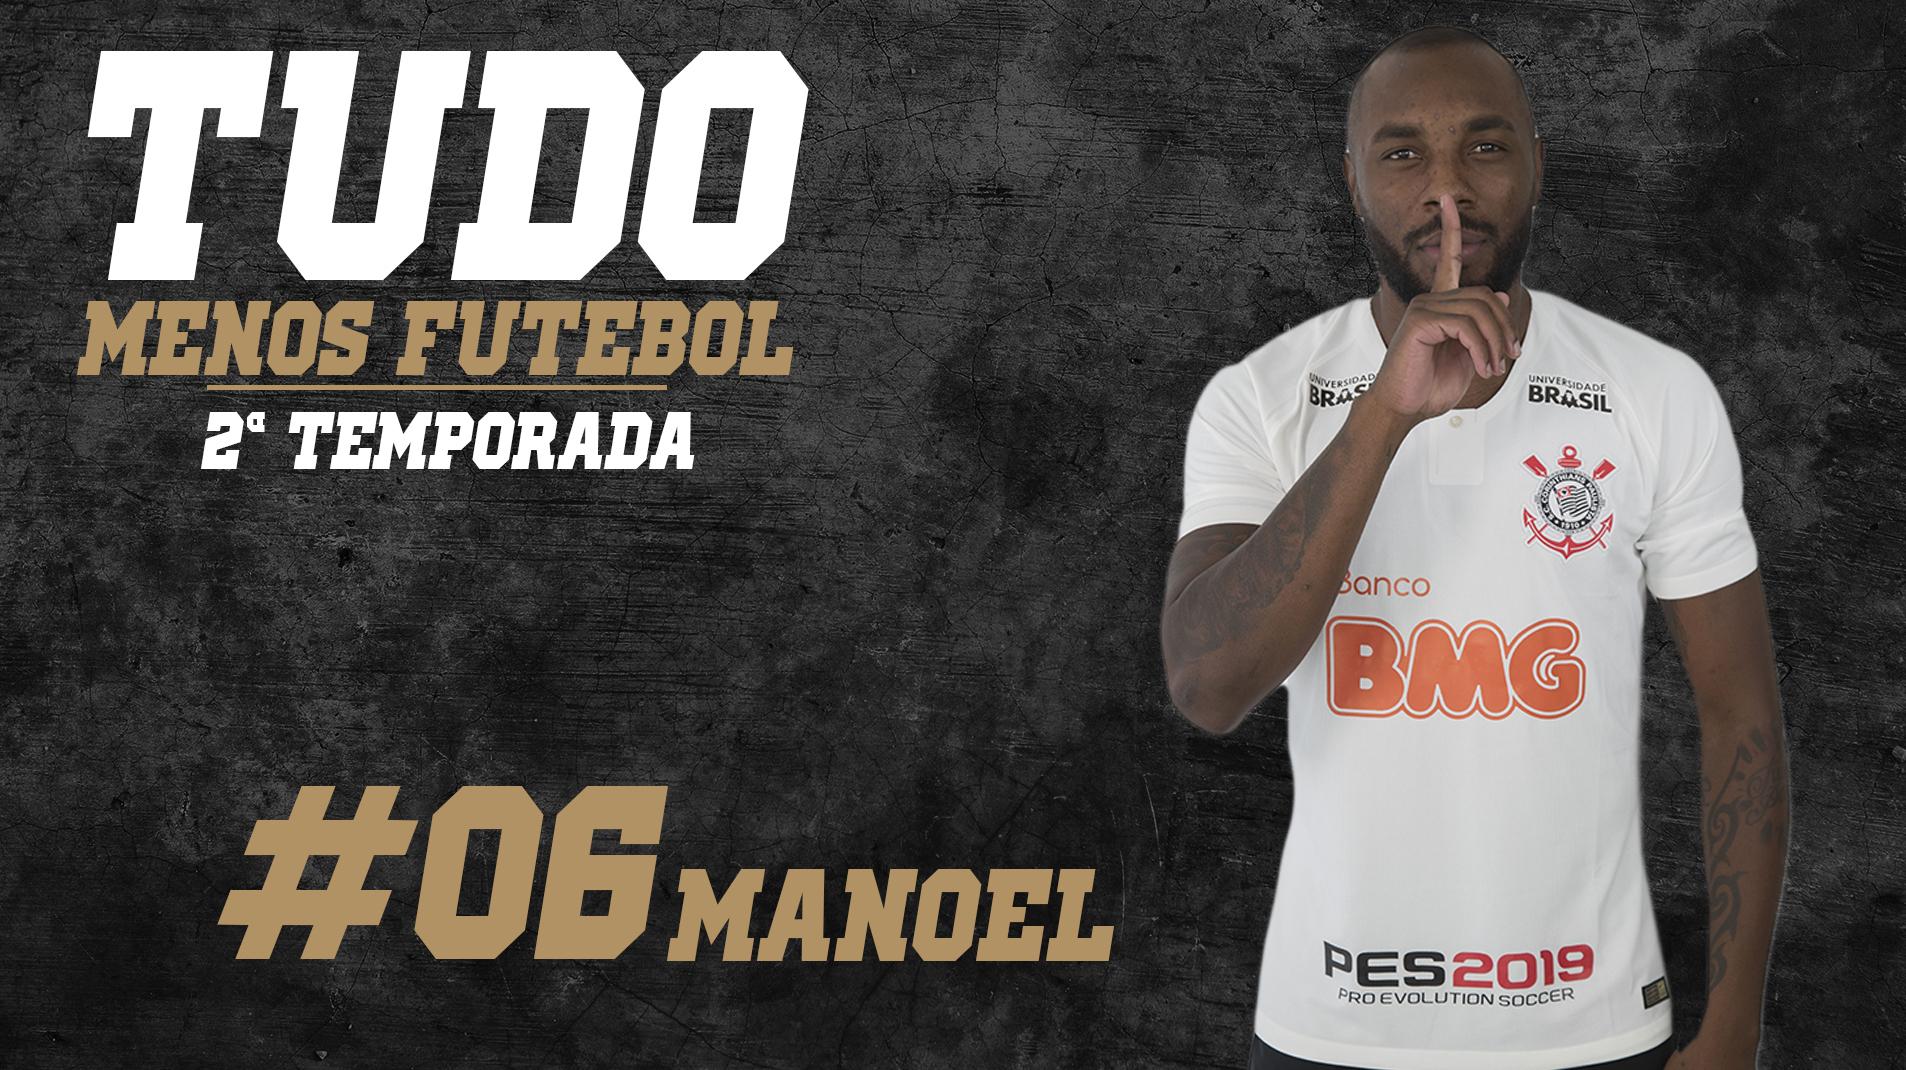 Tudo menos futebol com Manoel